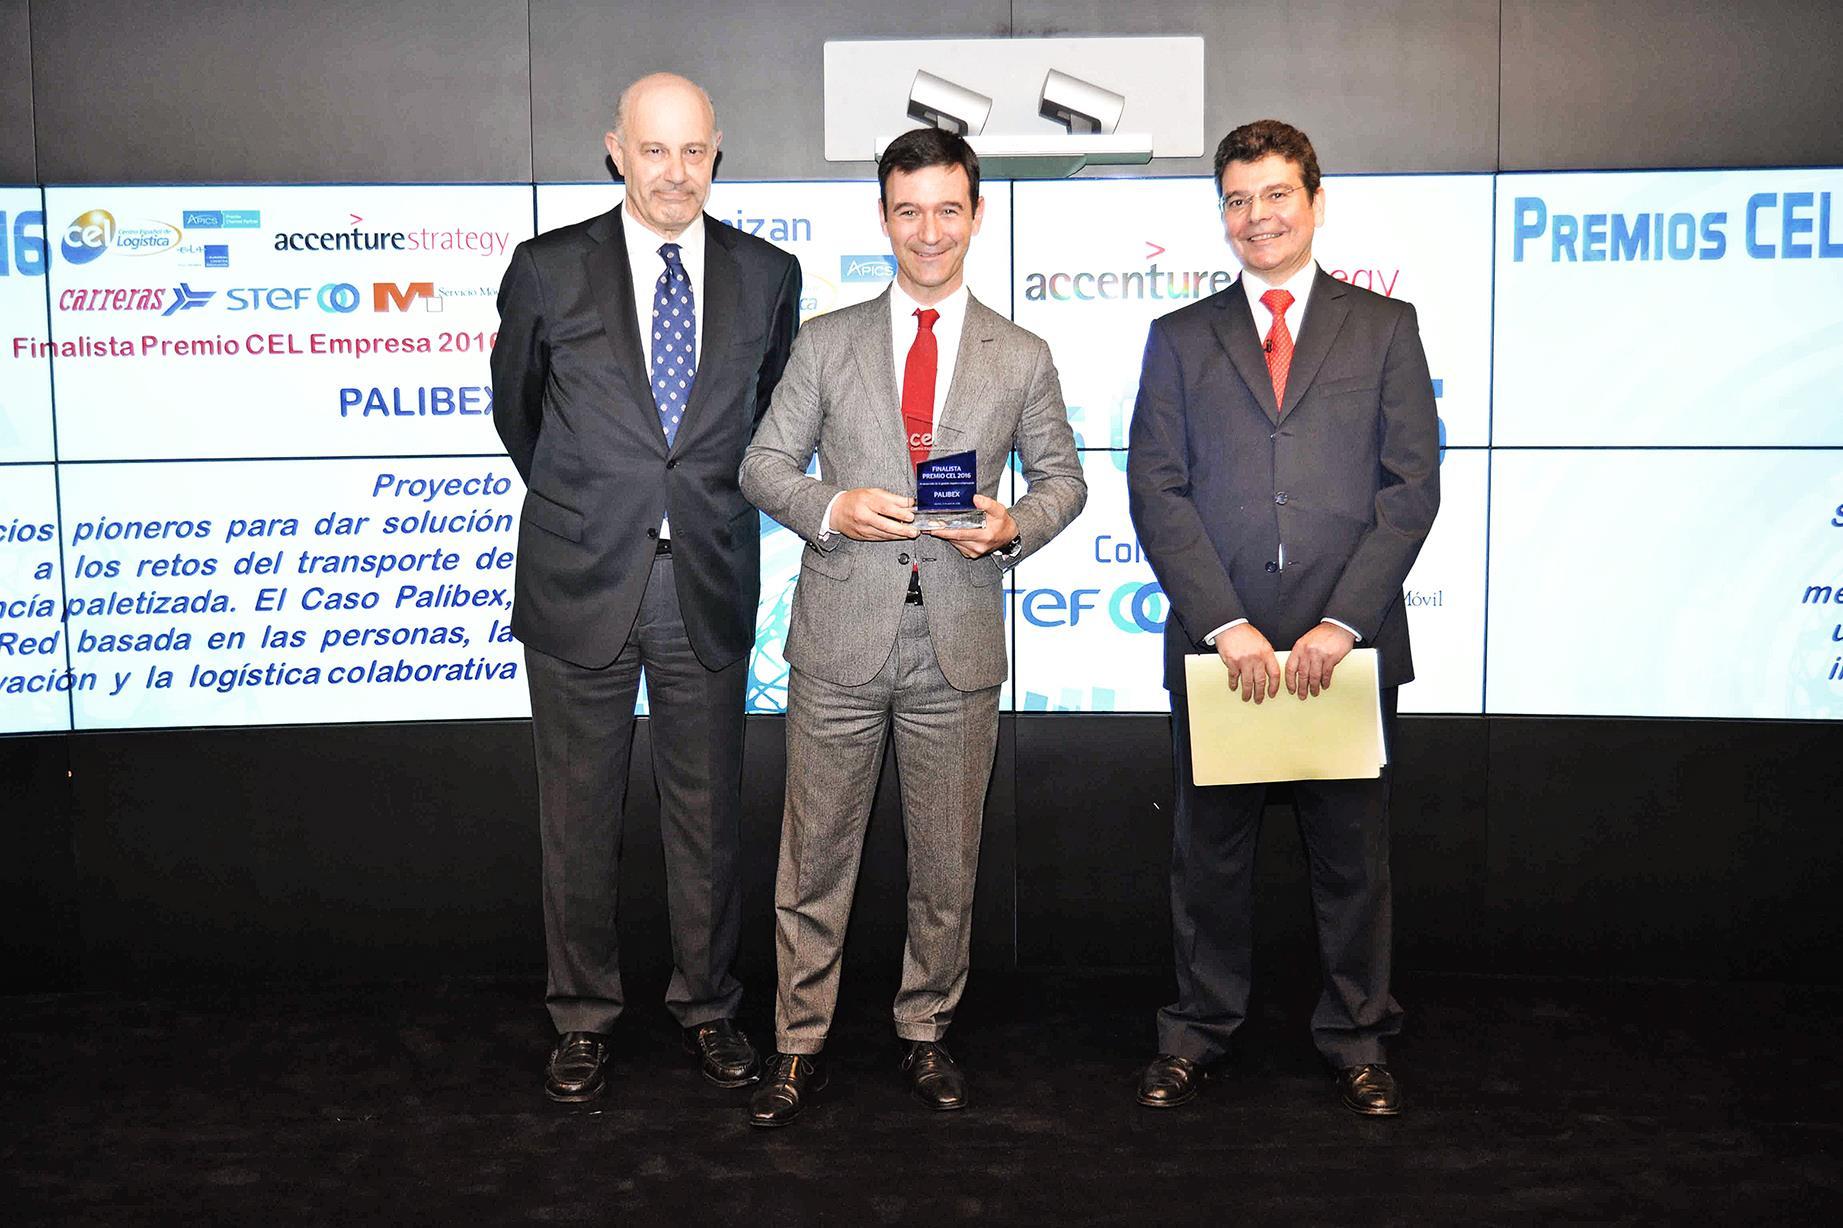 Premios CEL Palibex